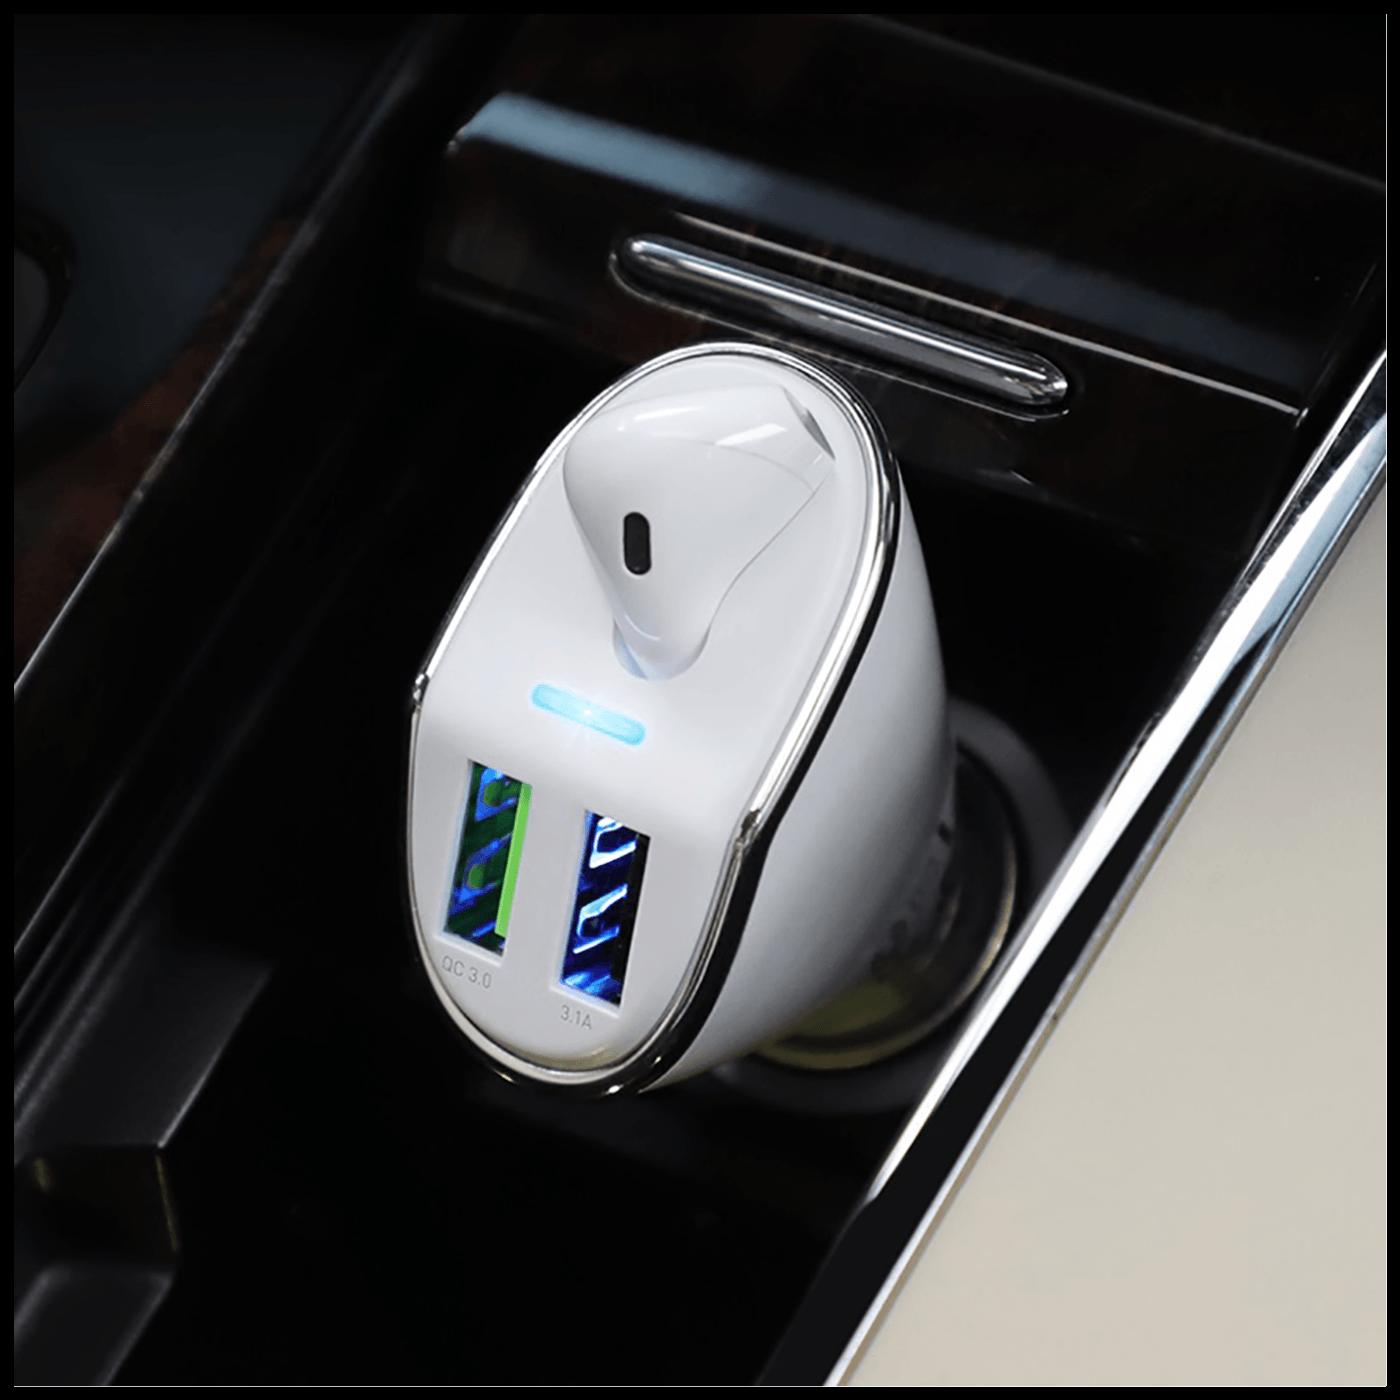 Auto punjač sa bežičnom slušalicom, QC,2 x USB, 3.1 A,bijela